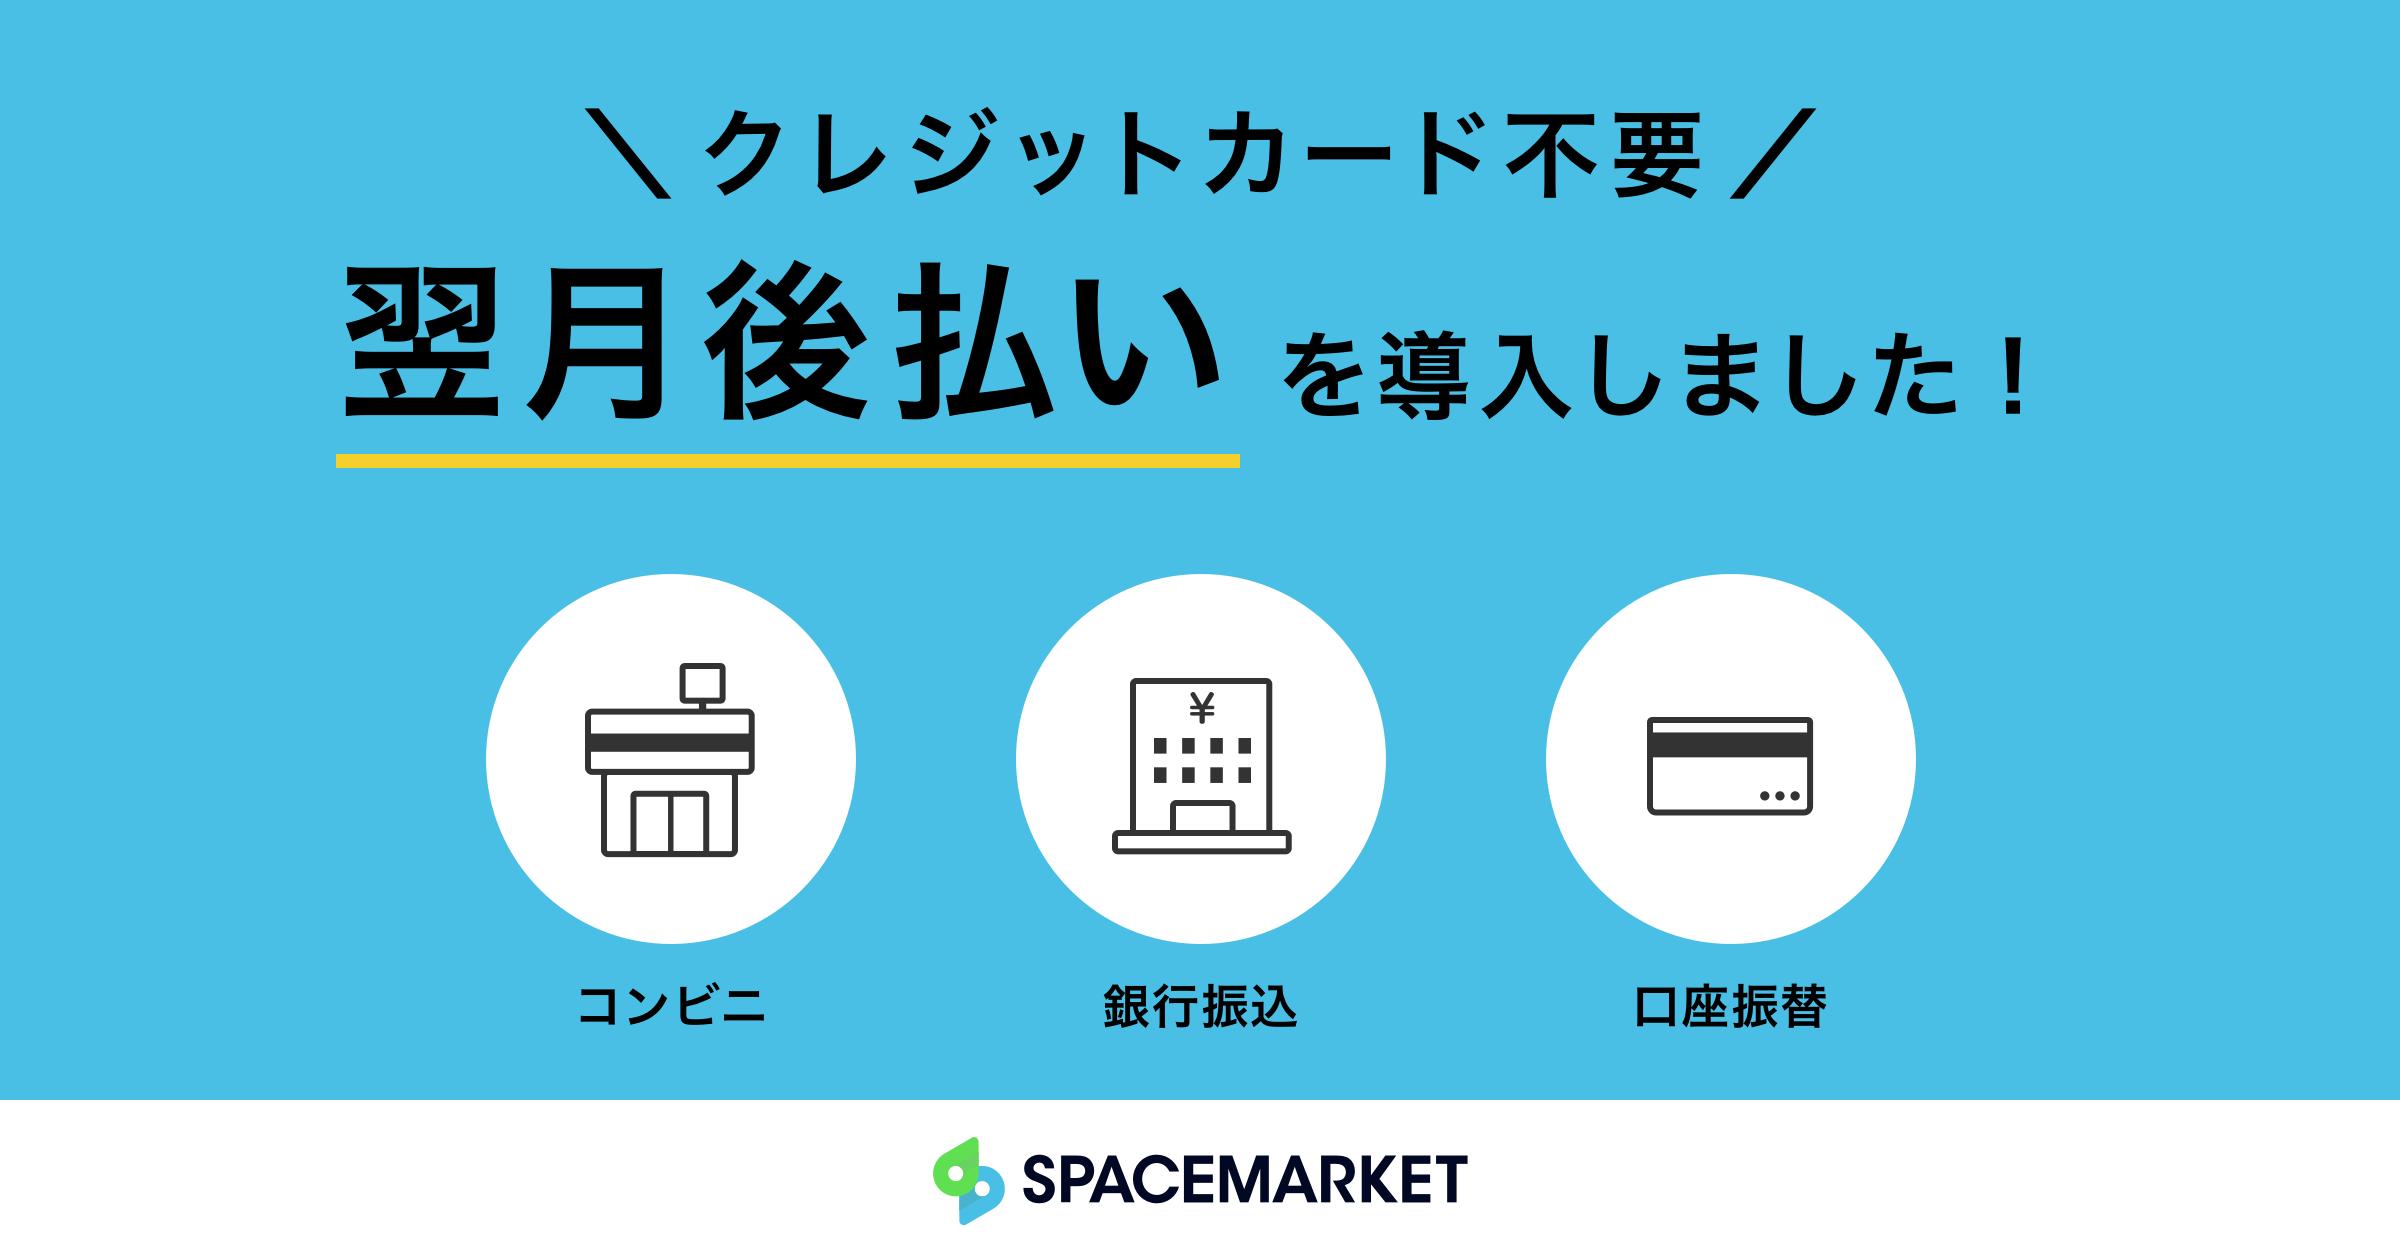 スペースマーケット「クレジットカード不要の翌月後払い」が可能に